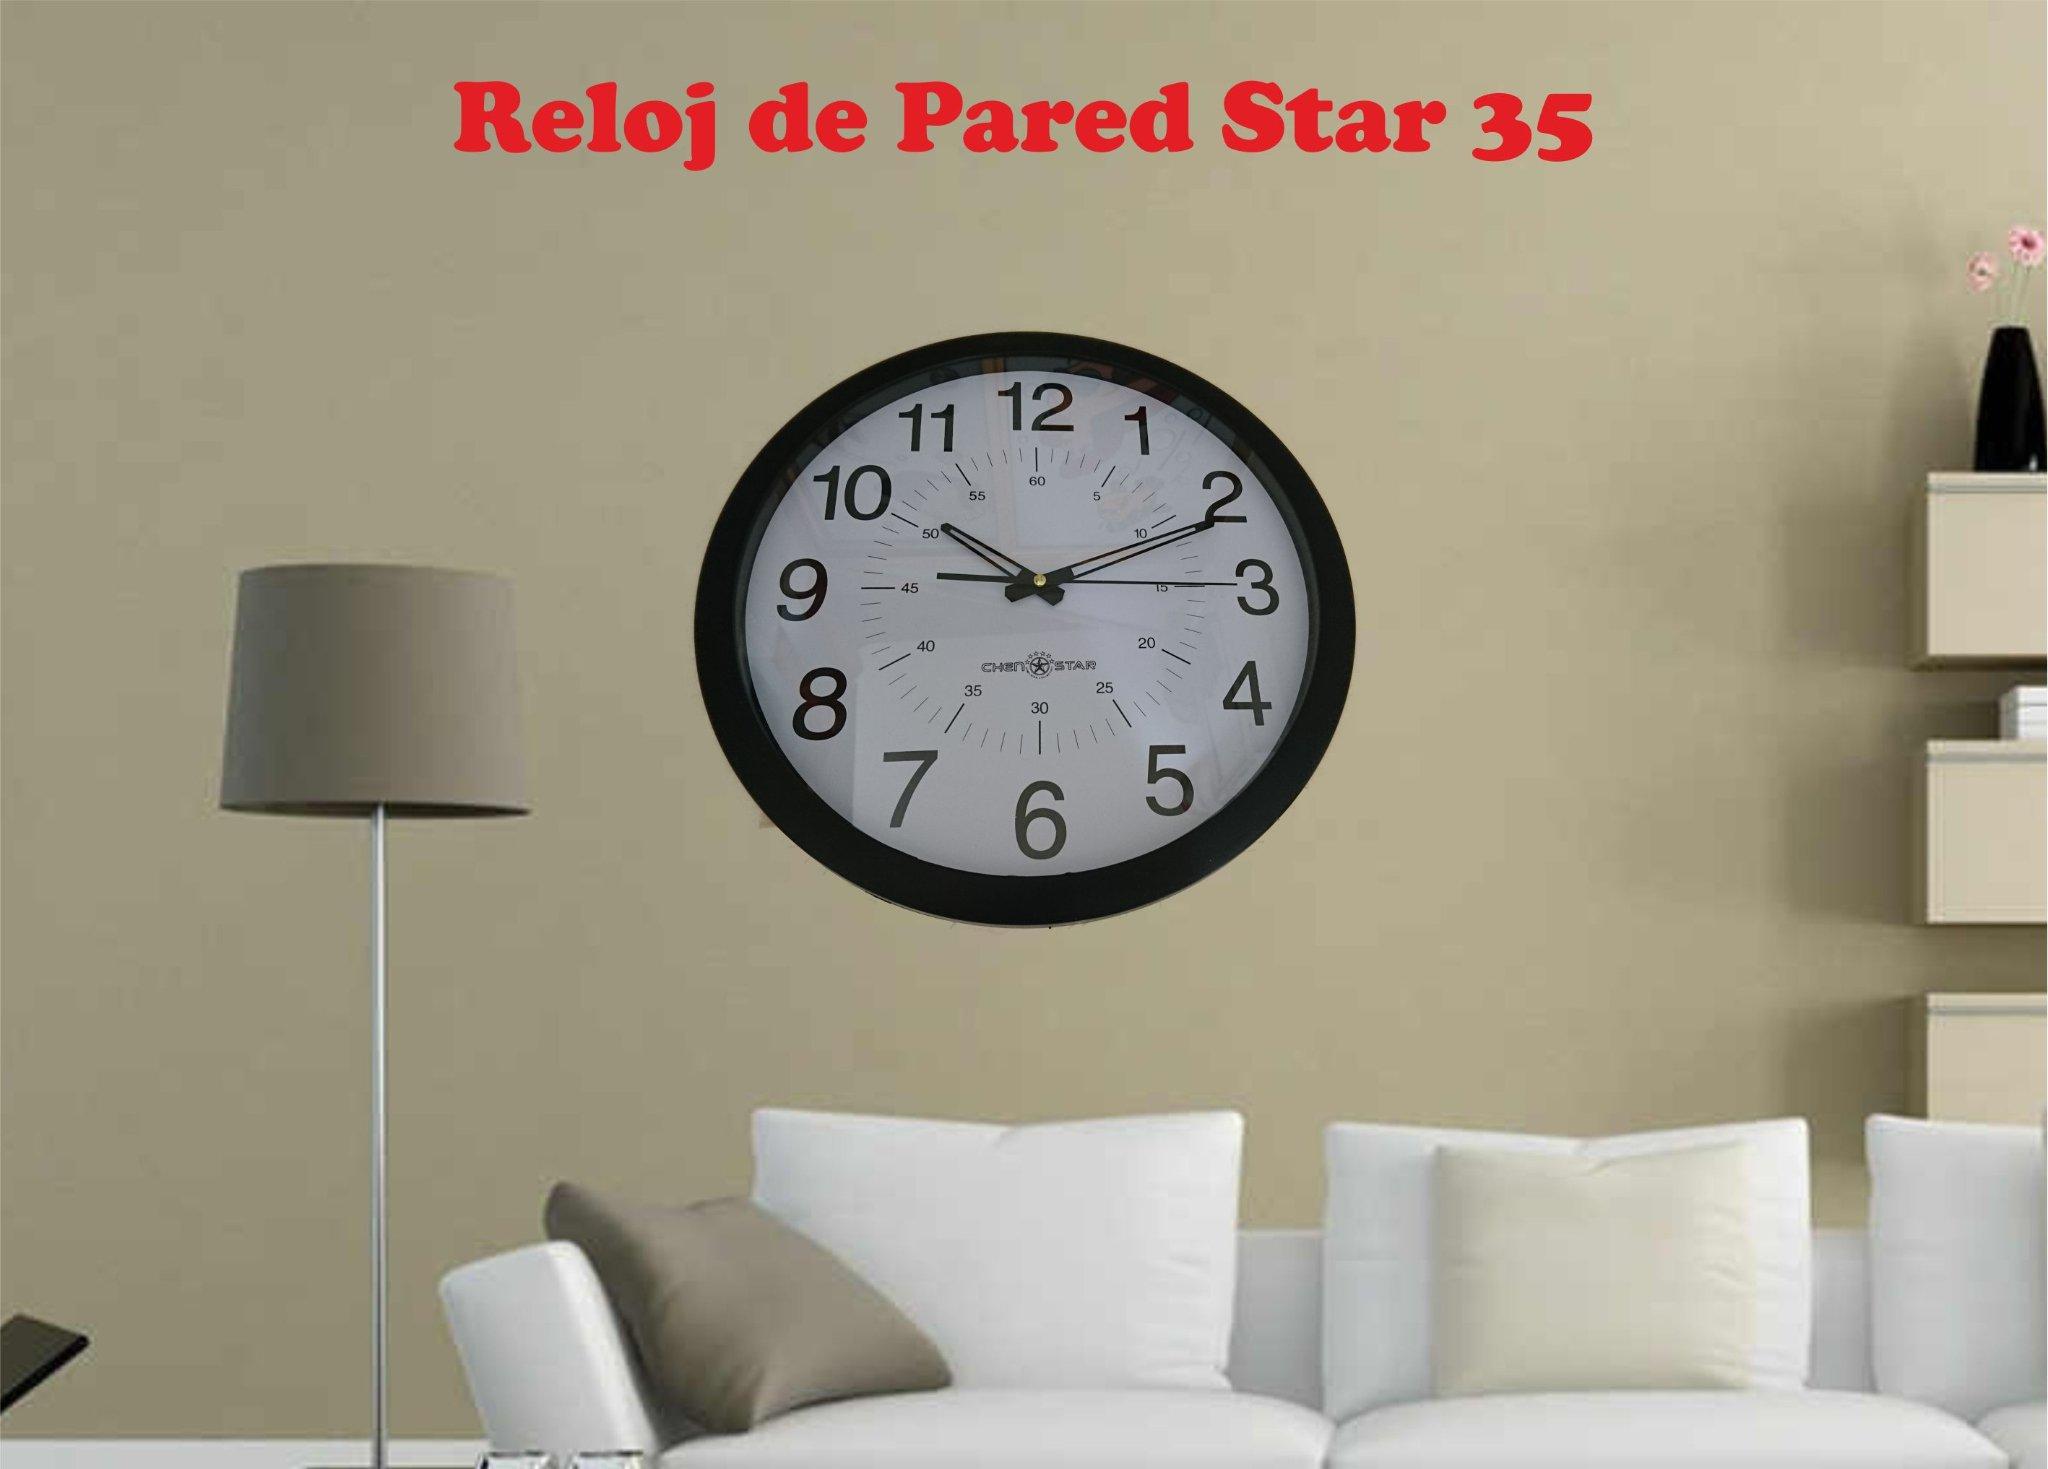 Reloj de pared analogo grande en mercado libre - Reloj grande de pared ...